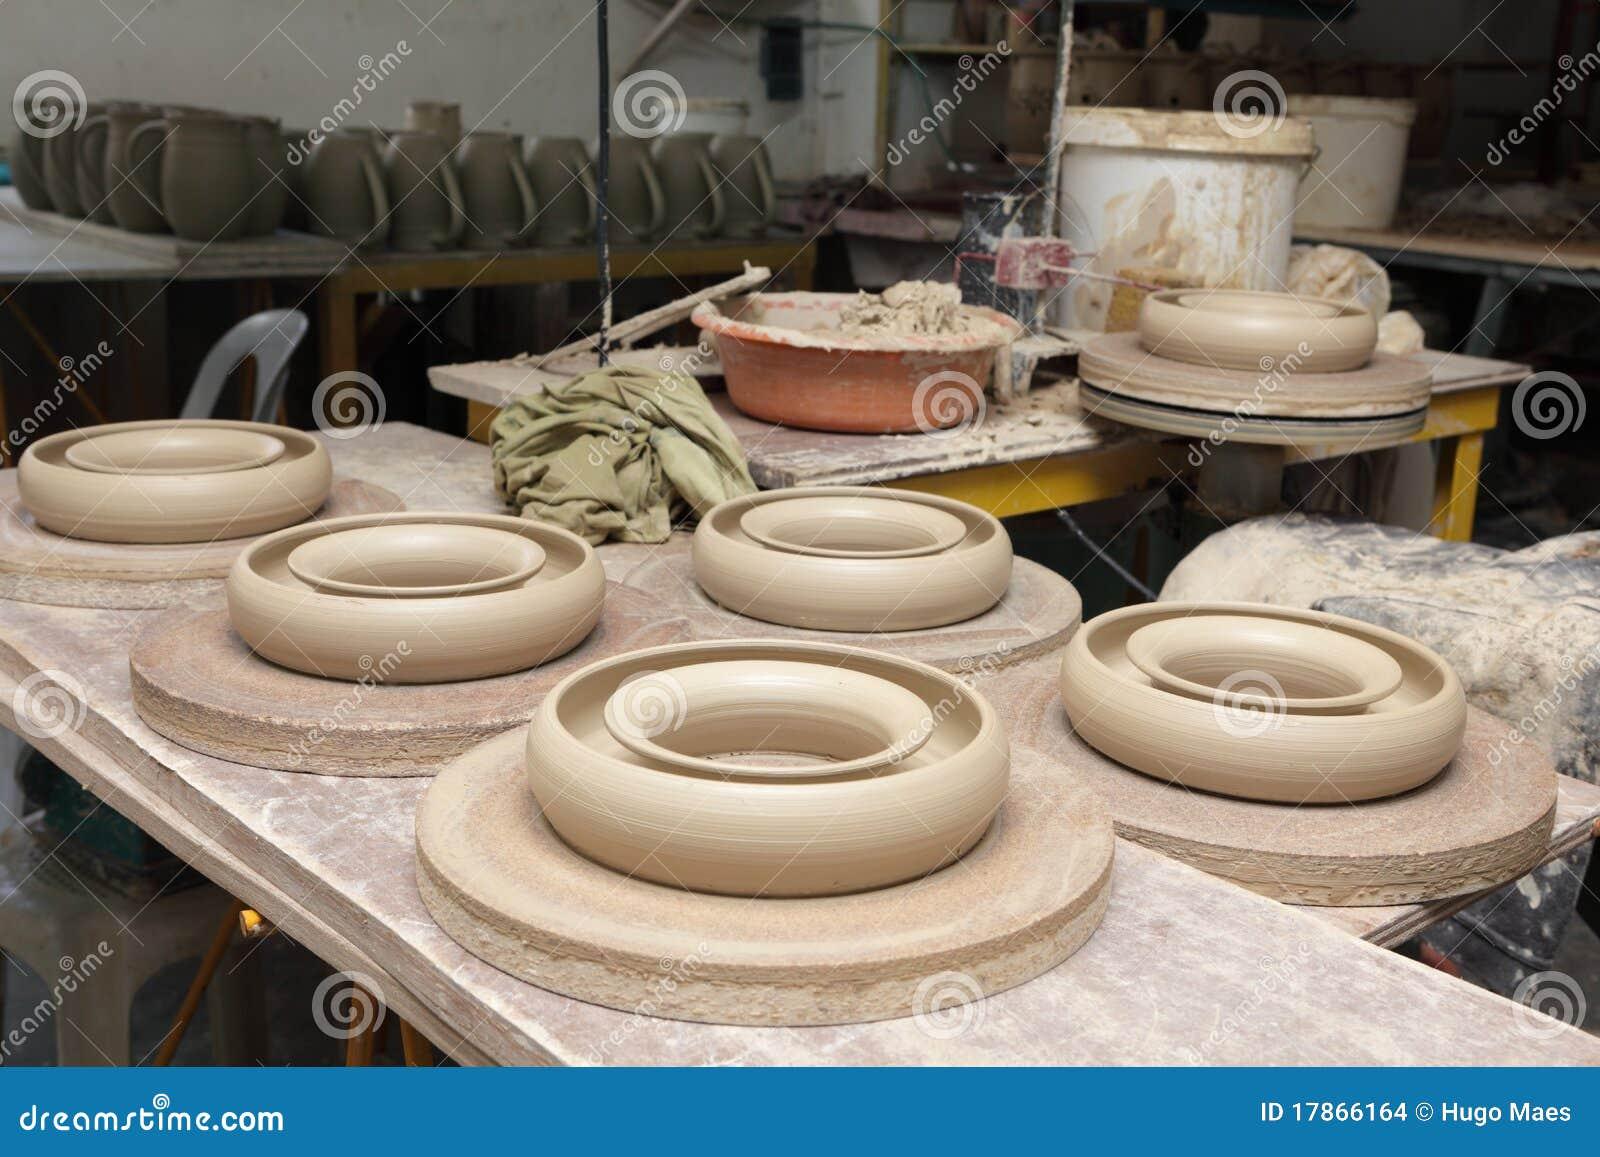 Utensilios de cocina asi ticos de la cer mica w imagenes for Utensilios de cocina de ceramica